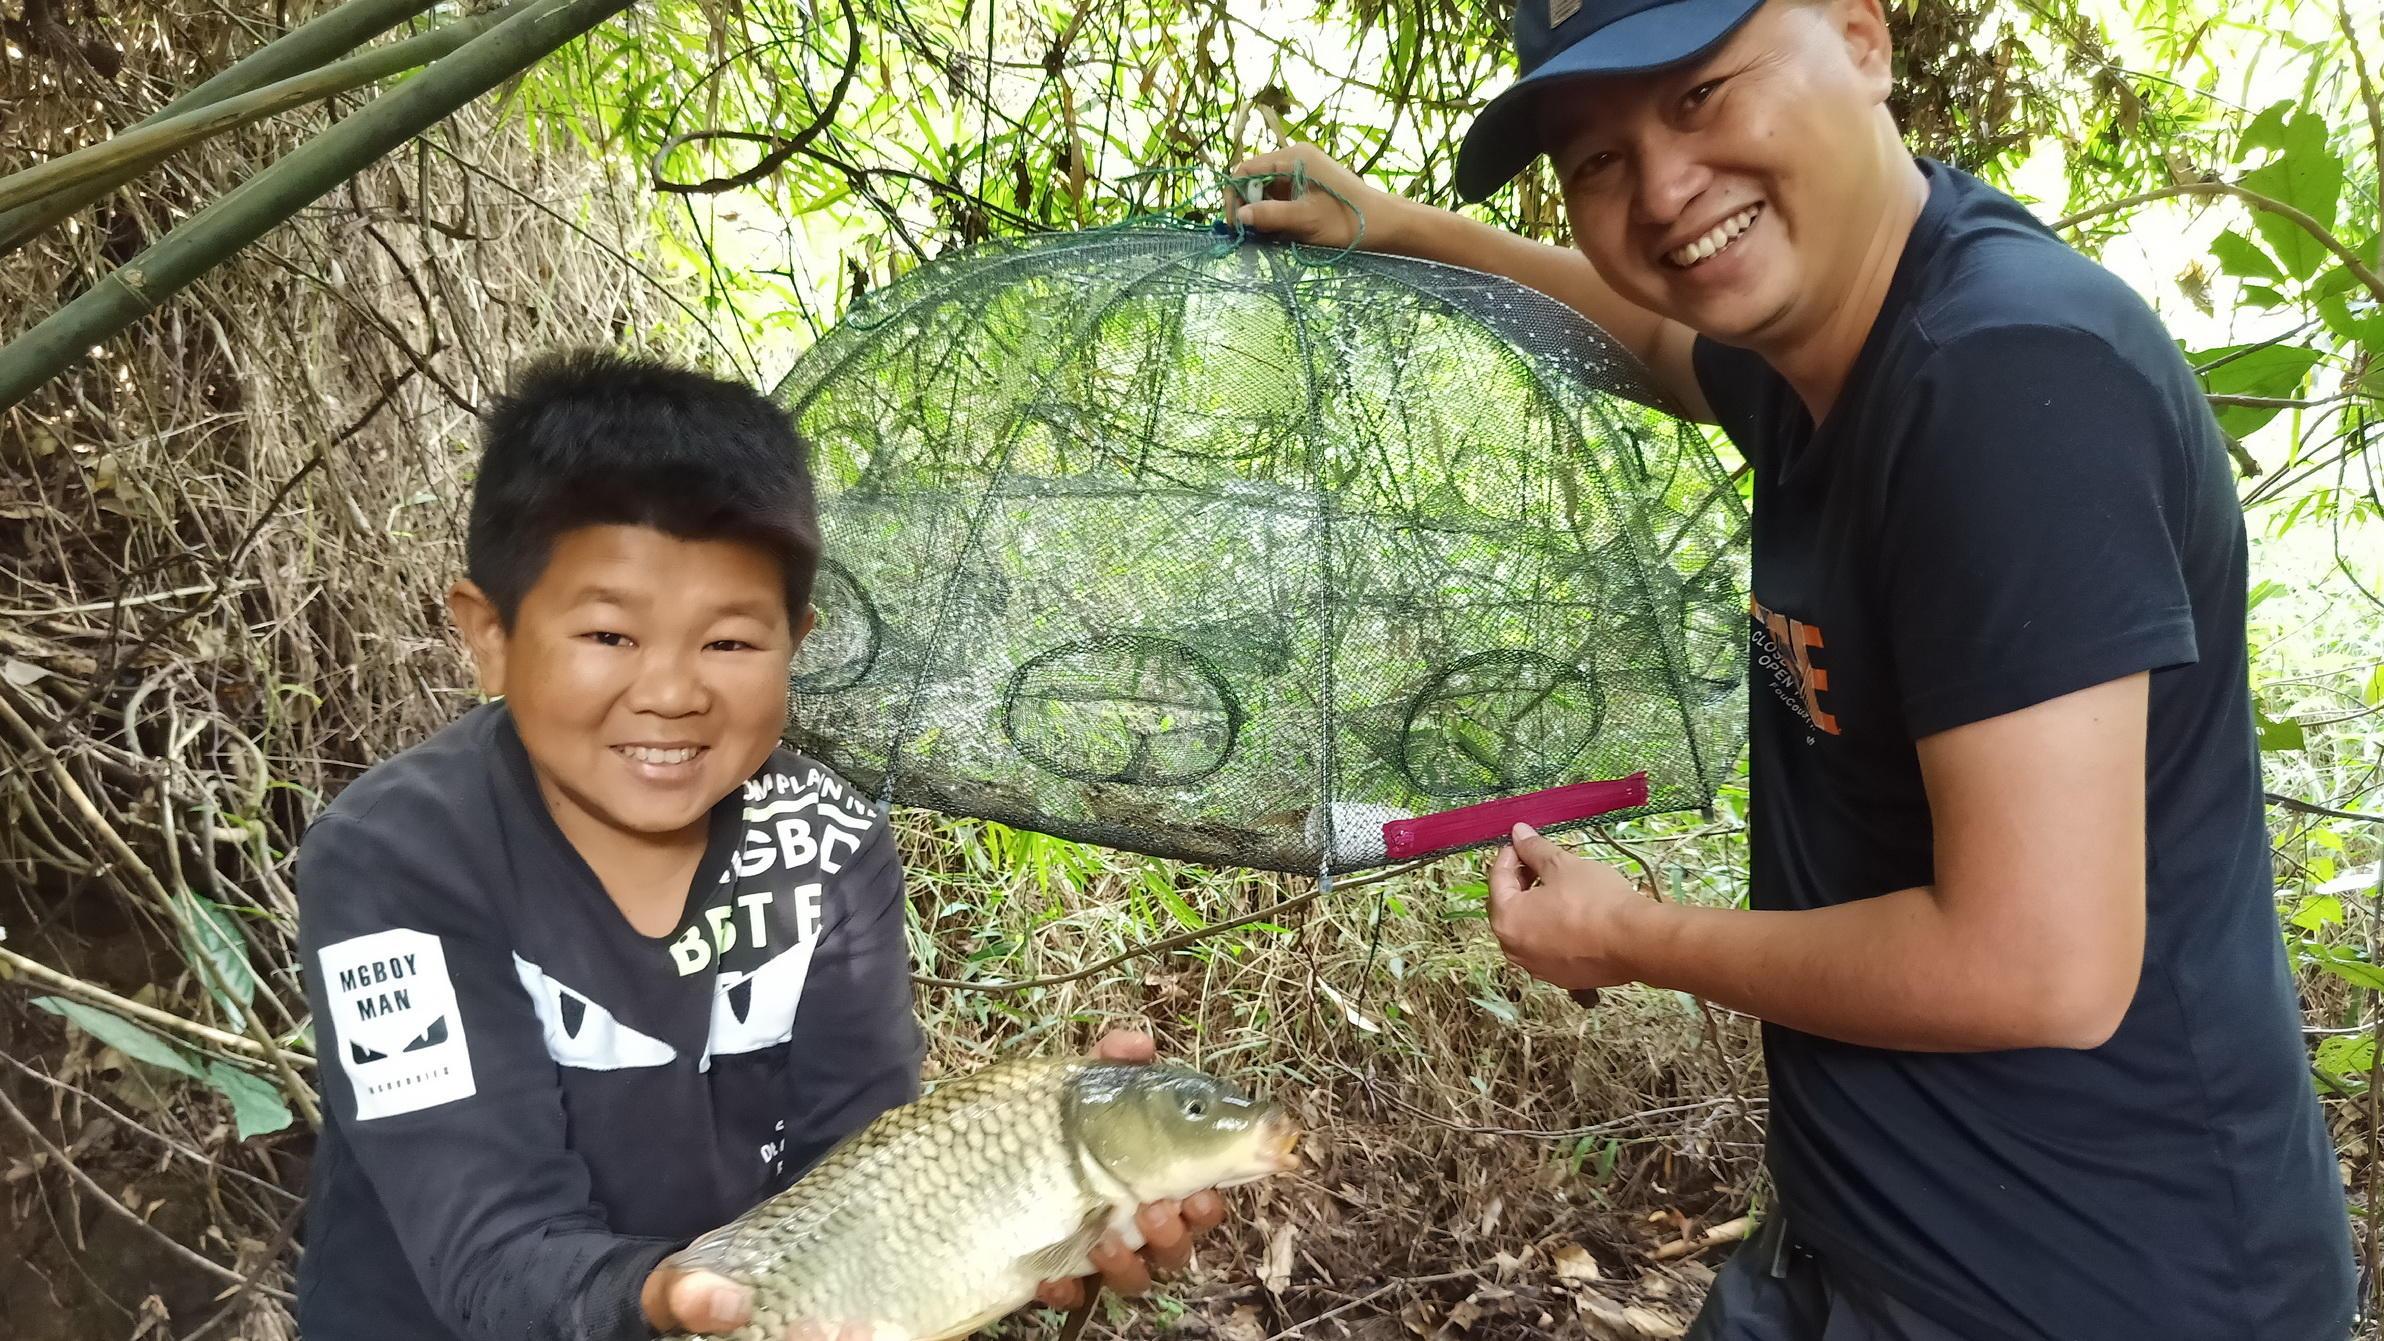 小六四哥来收鱼笼,不光有河虾,还意外收获一条大鲤鱼